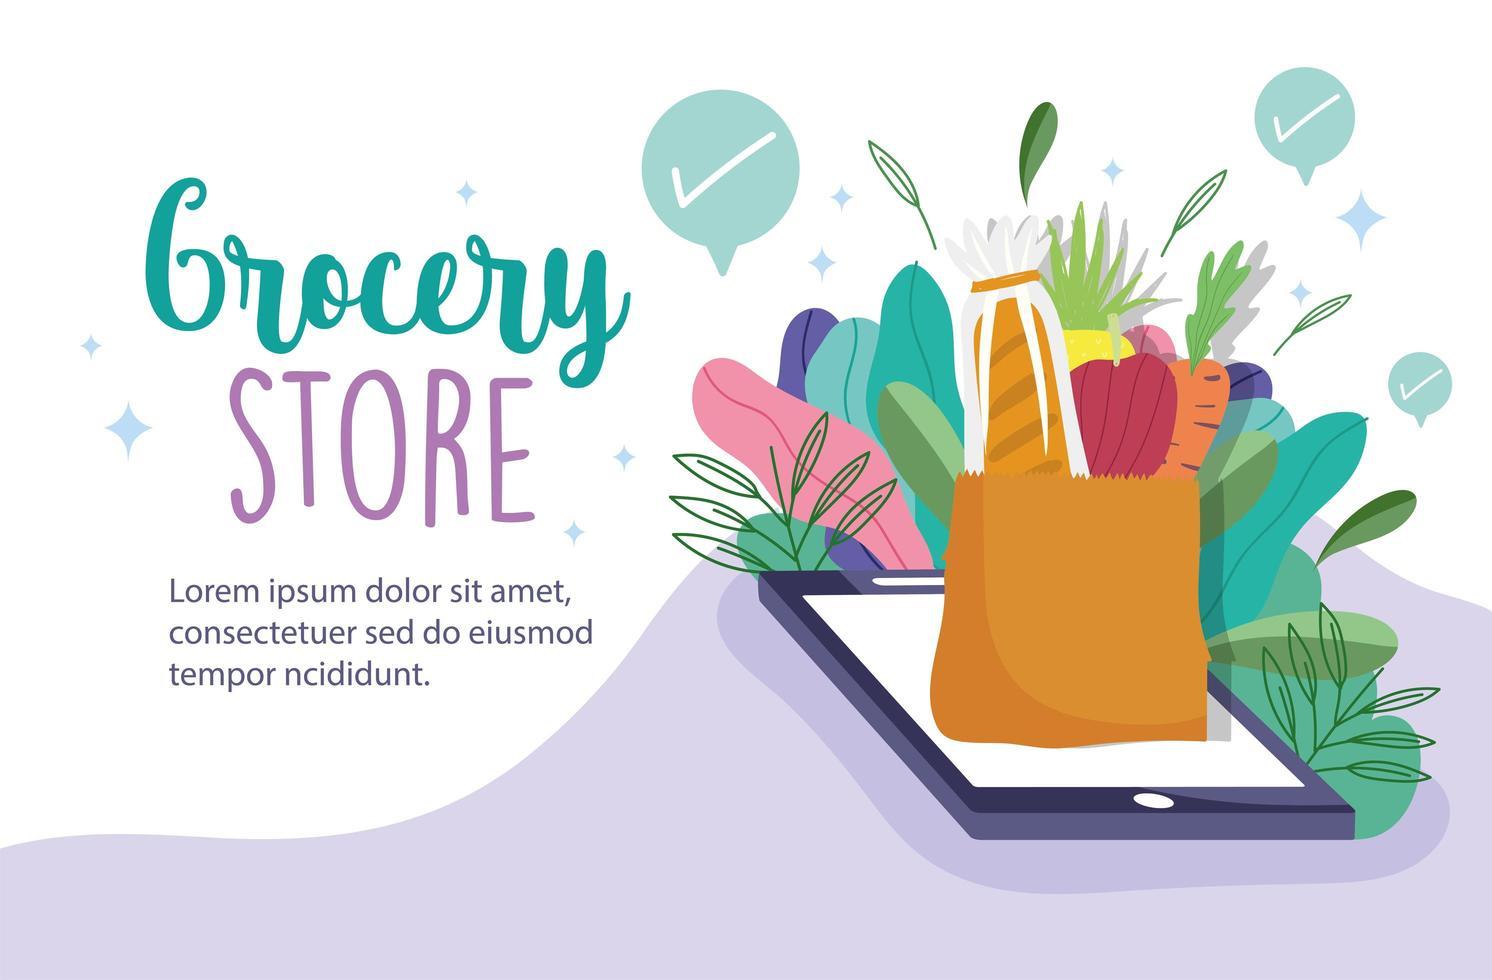 Plantilla de banner en línea de tienda de abarrotes con teléfono, comestibles y elementos de follaje vector